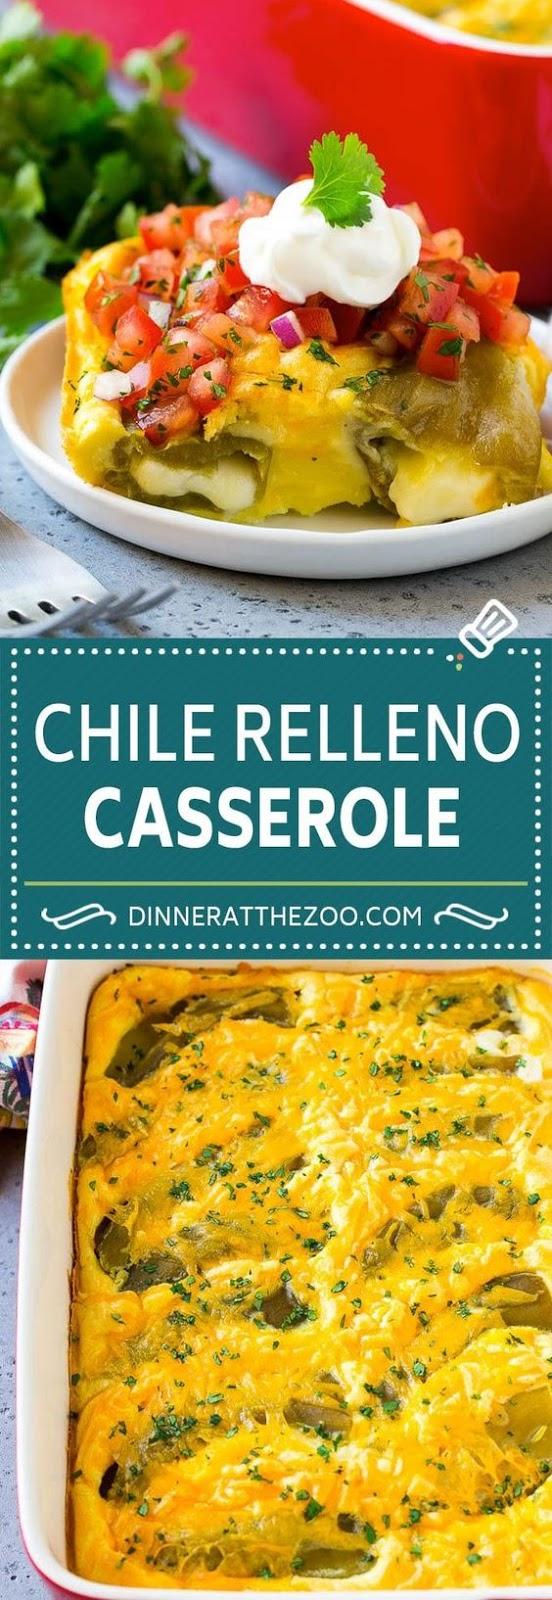 Chile Relleno Casserole